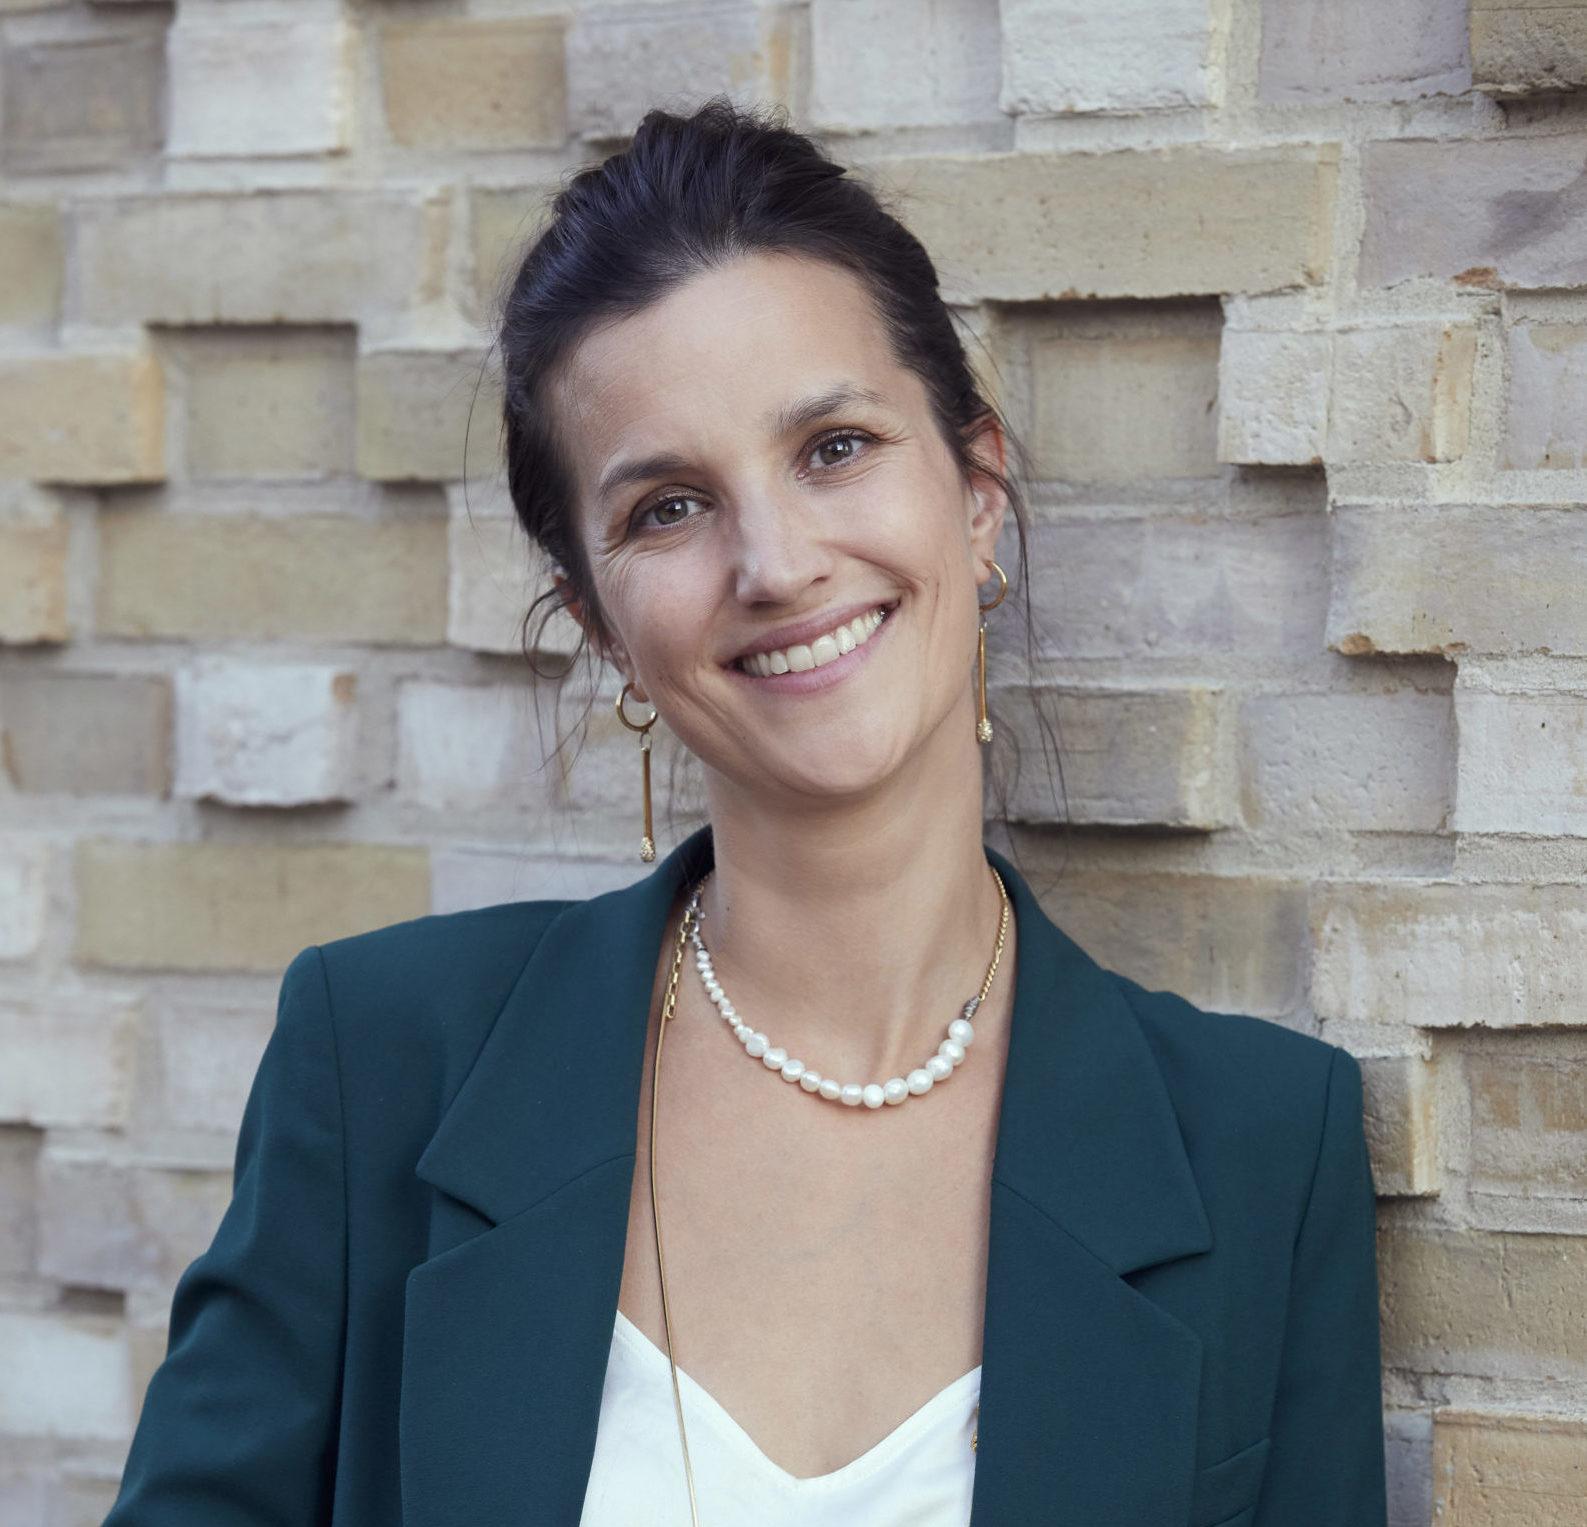 Valerie Kirchberger